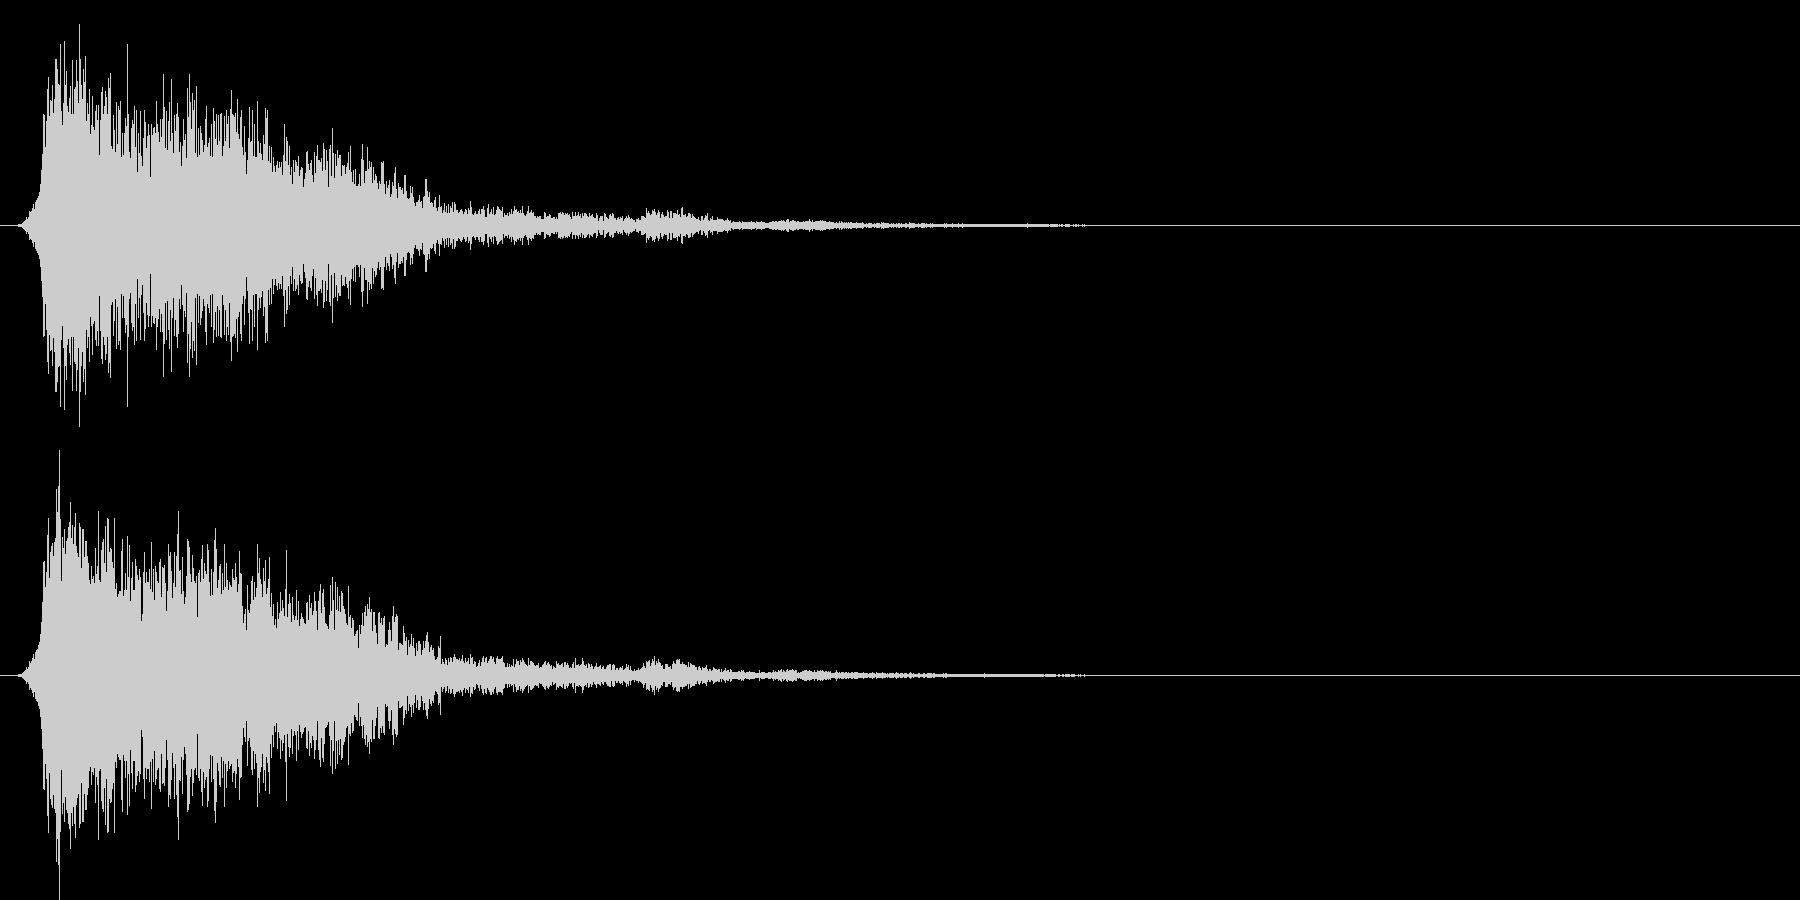 コミカルなダッシュ!ジャンプの効果音04の未再生の波形